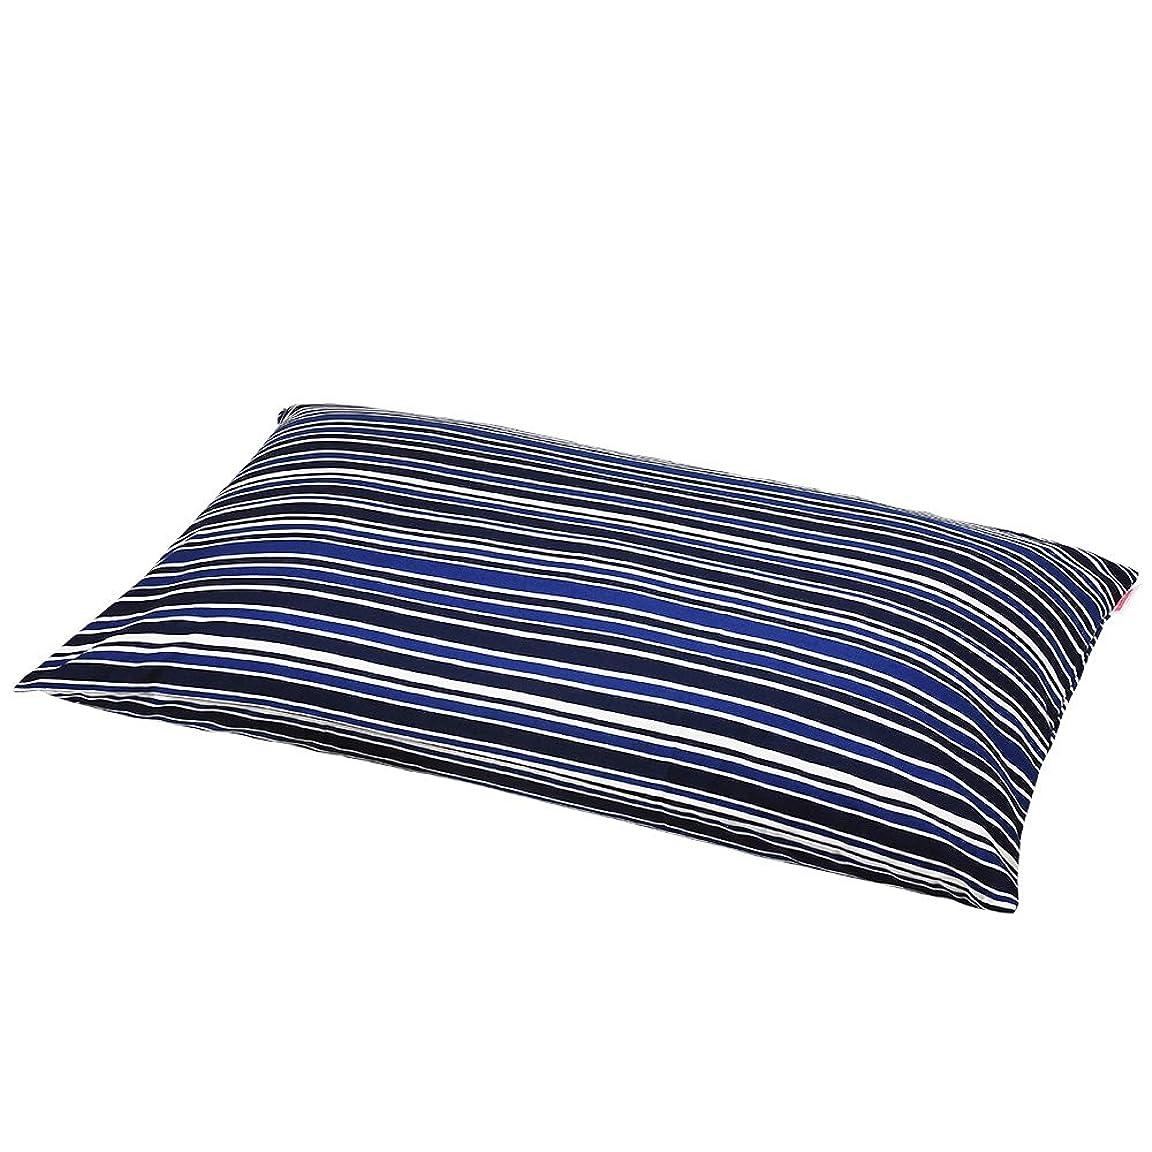 消毒剤社会主義利得枕カバー 60×100cmの枕用 トリノストライプ綿100% ファスナー式 パイピング仕上げ 日本製 枕 綿 ブルー